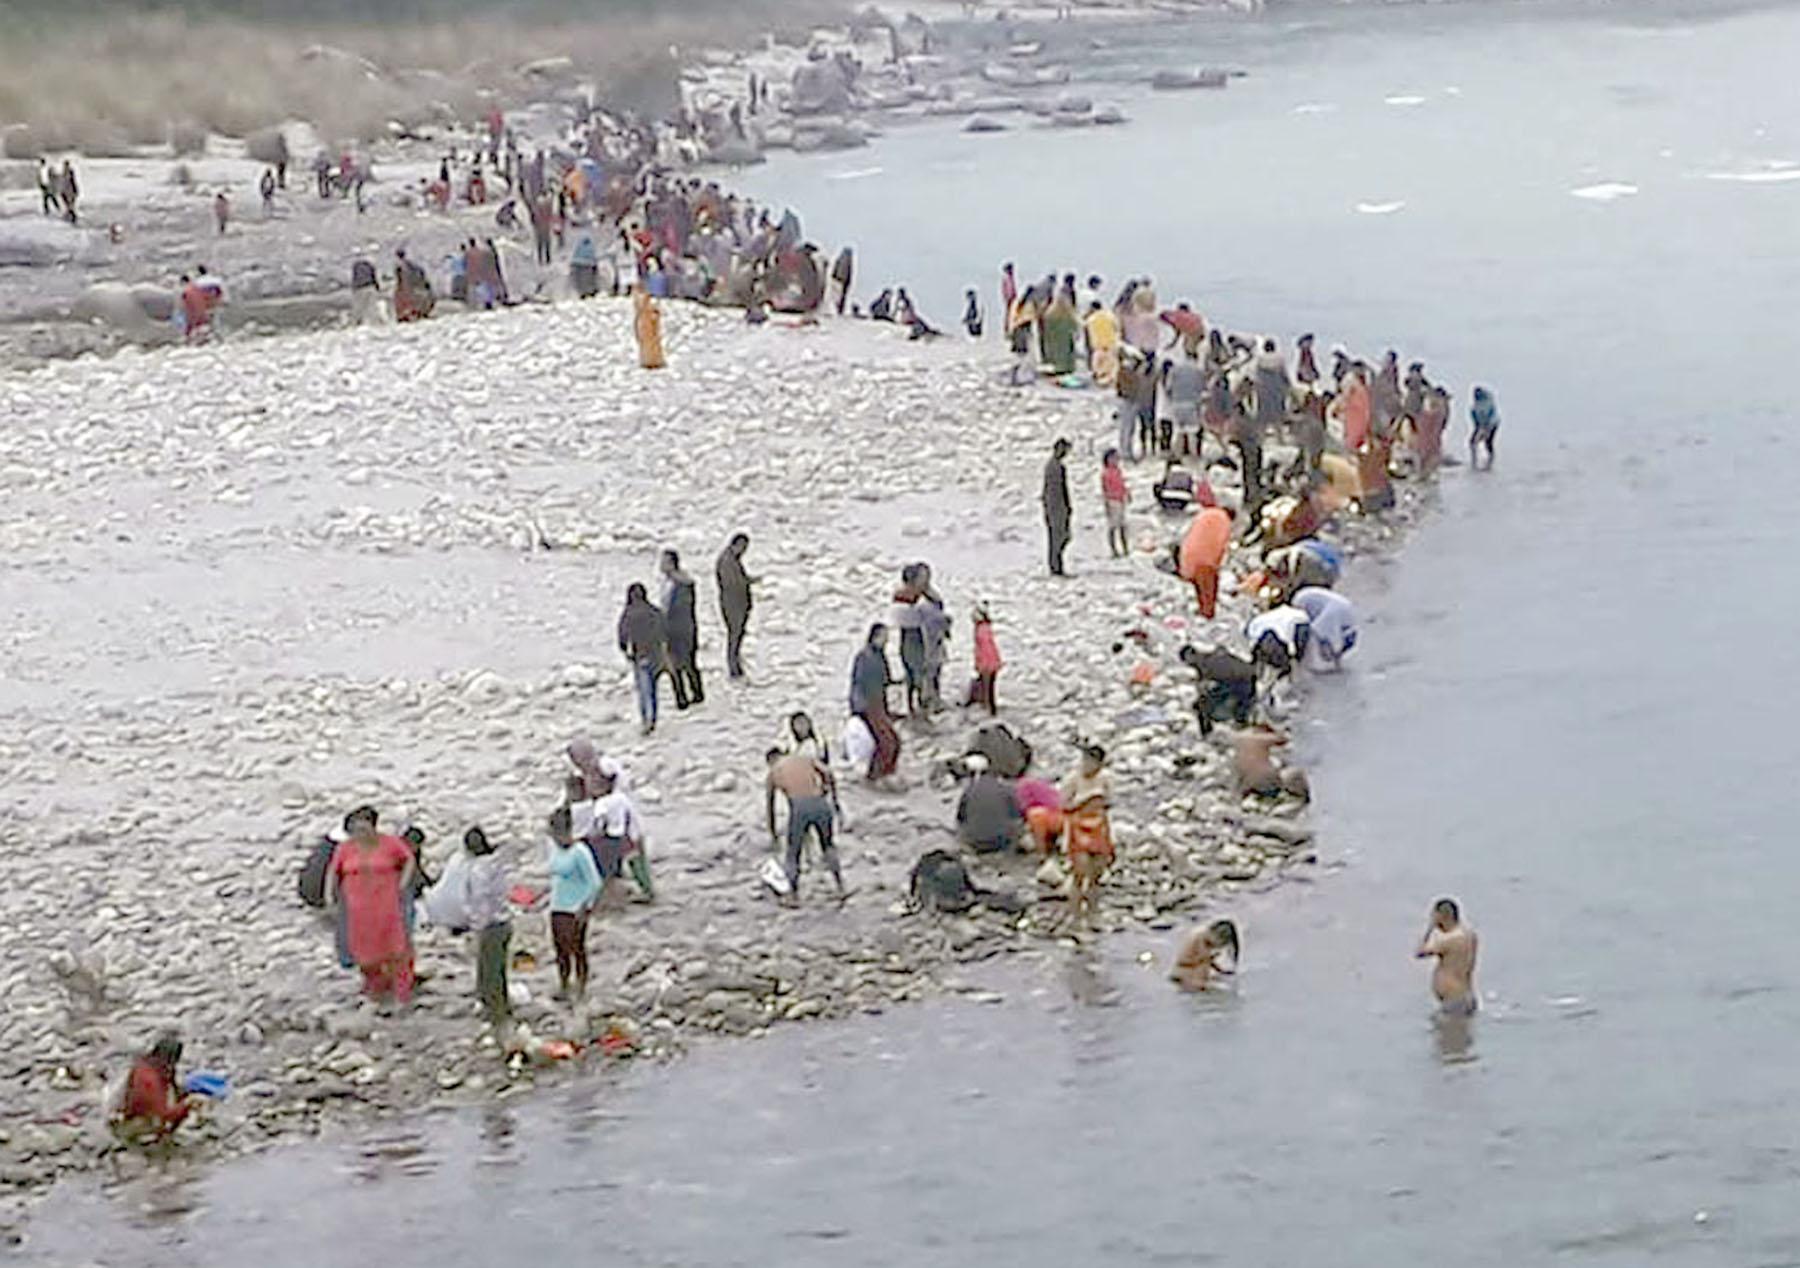 हरिबोधिनी एकादशीका अवसरमा जलाशयमा भक्तजनको भीड